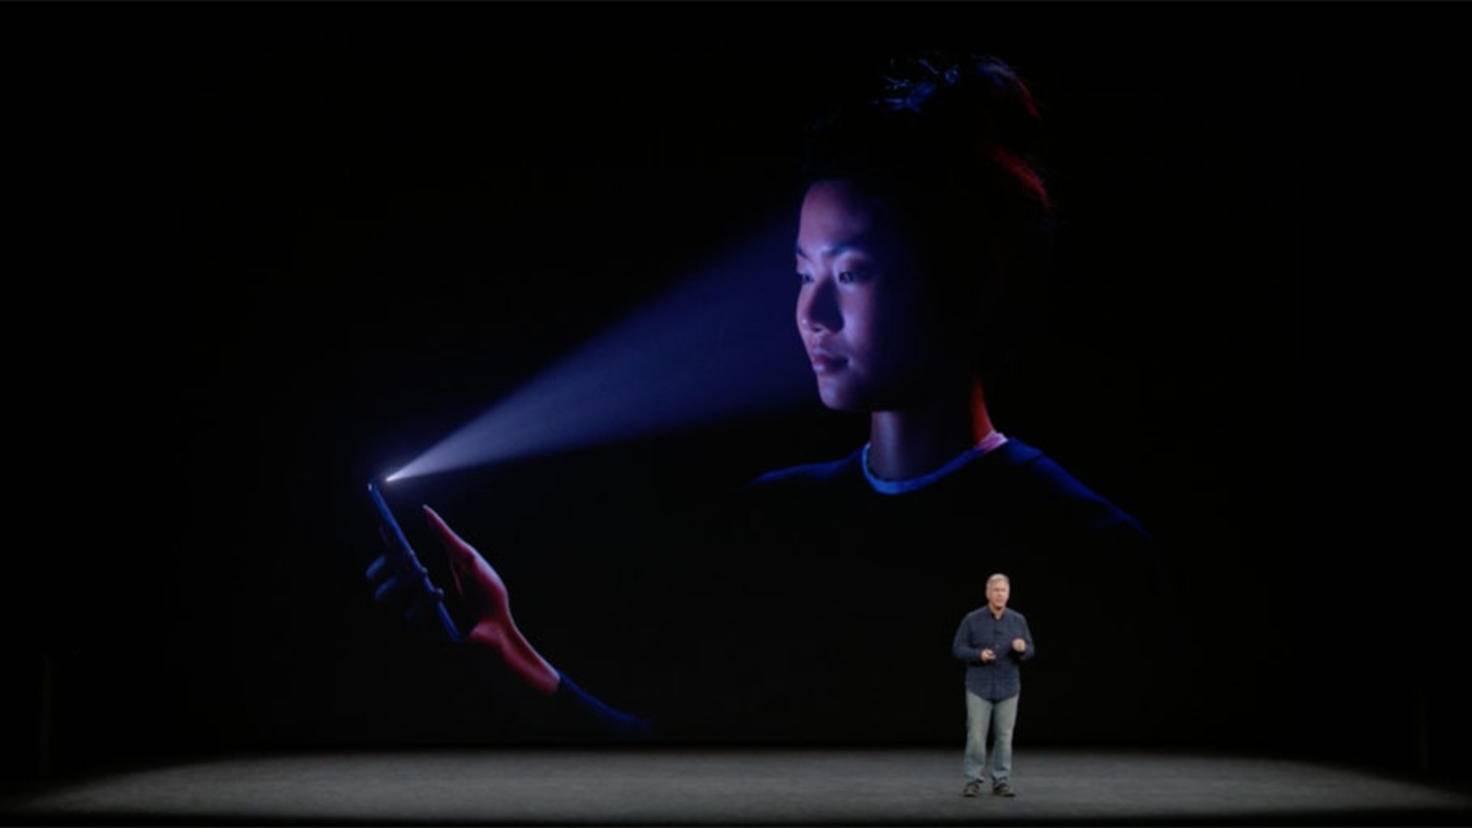 iphone-x-faceid-keynote-2017